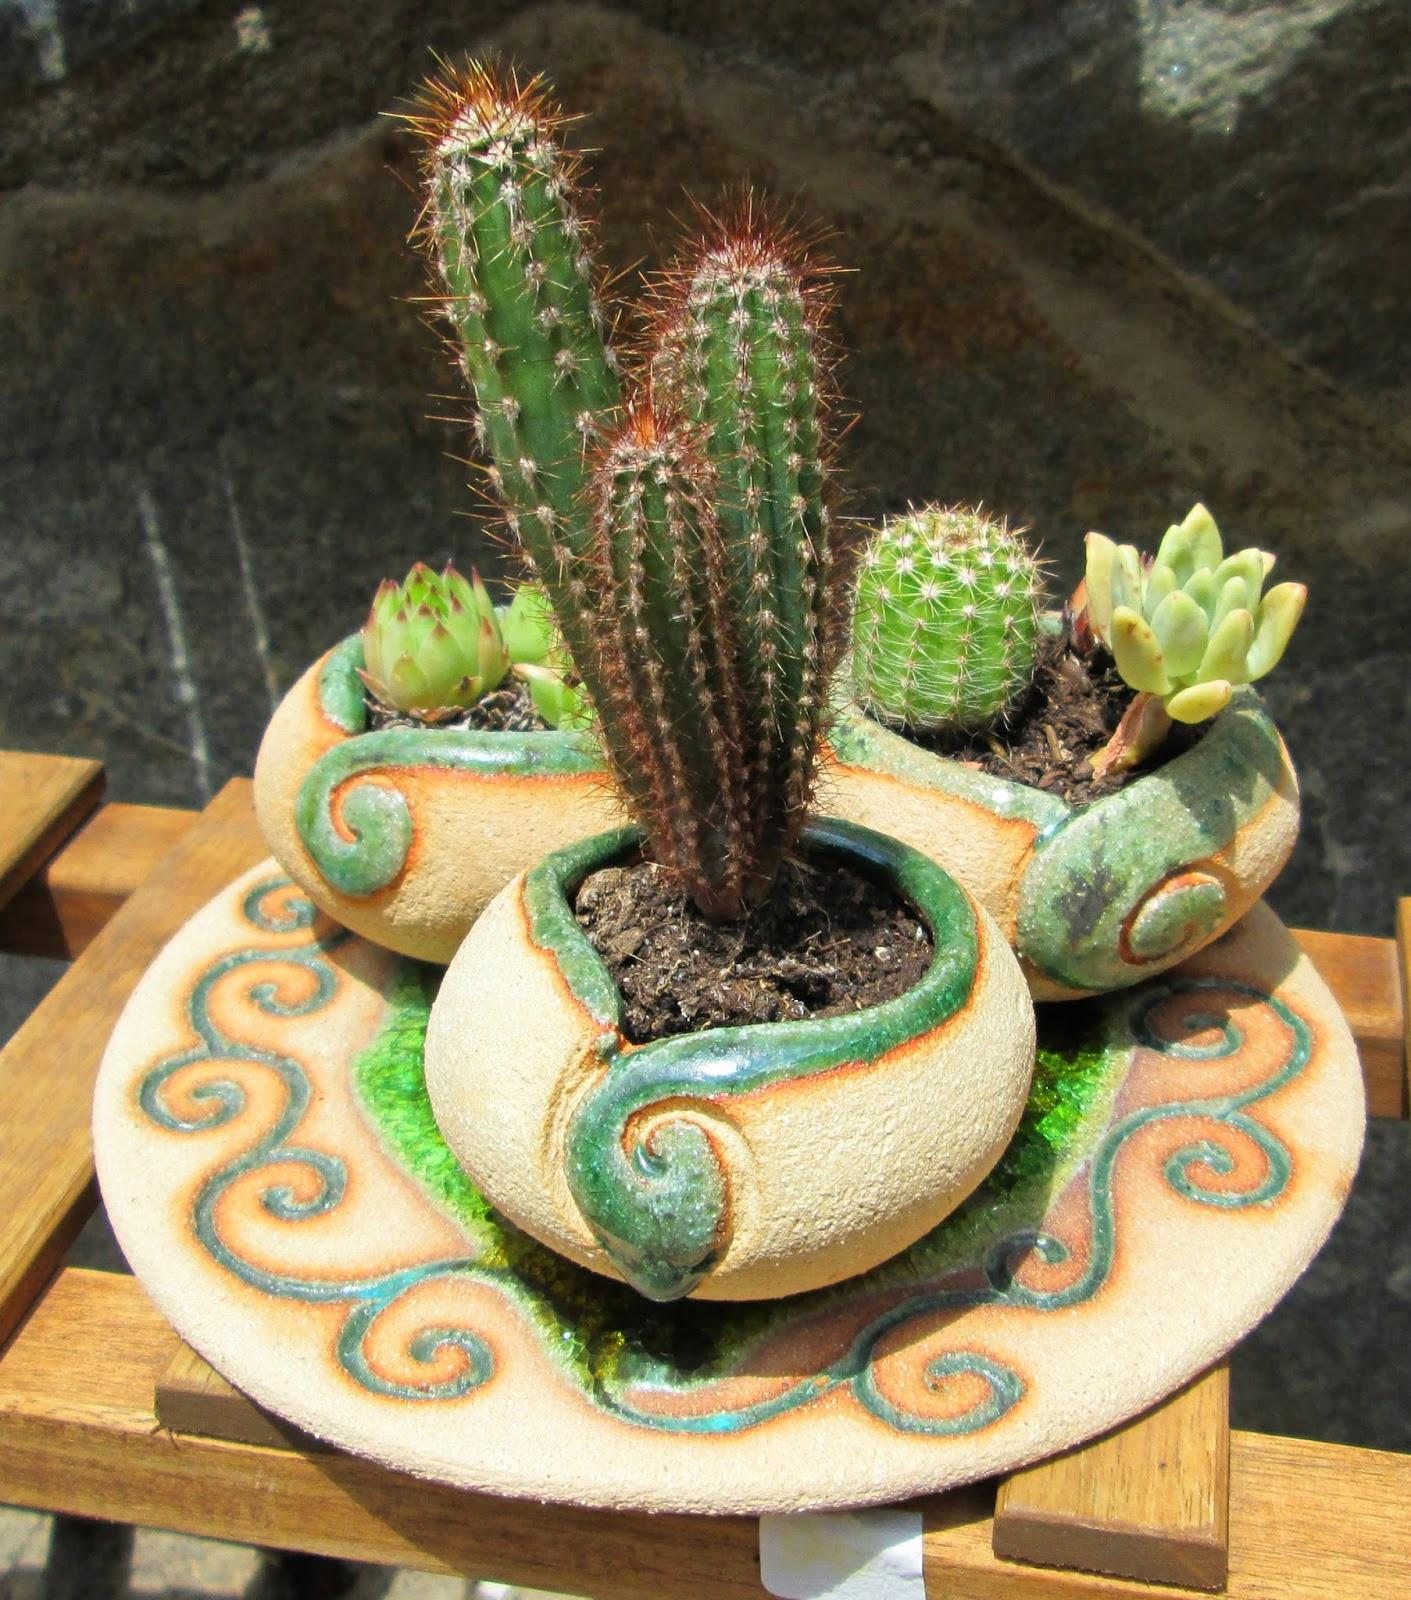 macetas para cactus, macetas para crasas, macetas para suculentas, decoracion jardin, decoración rustica, macetas para el jardin,